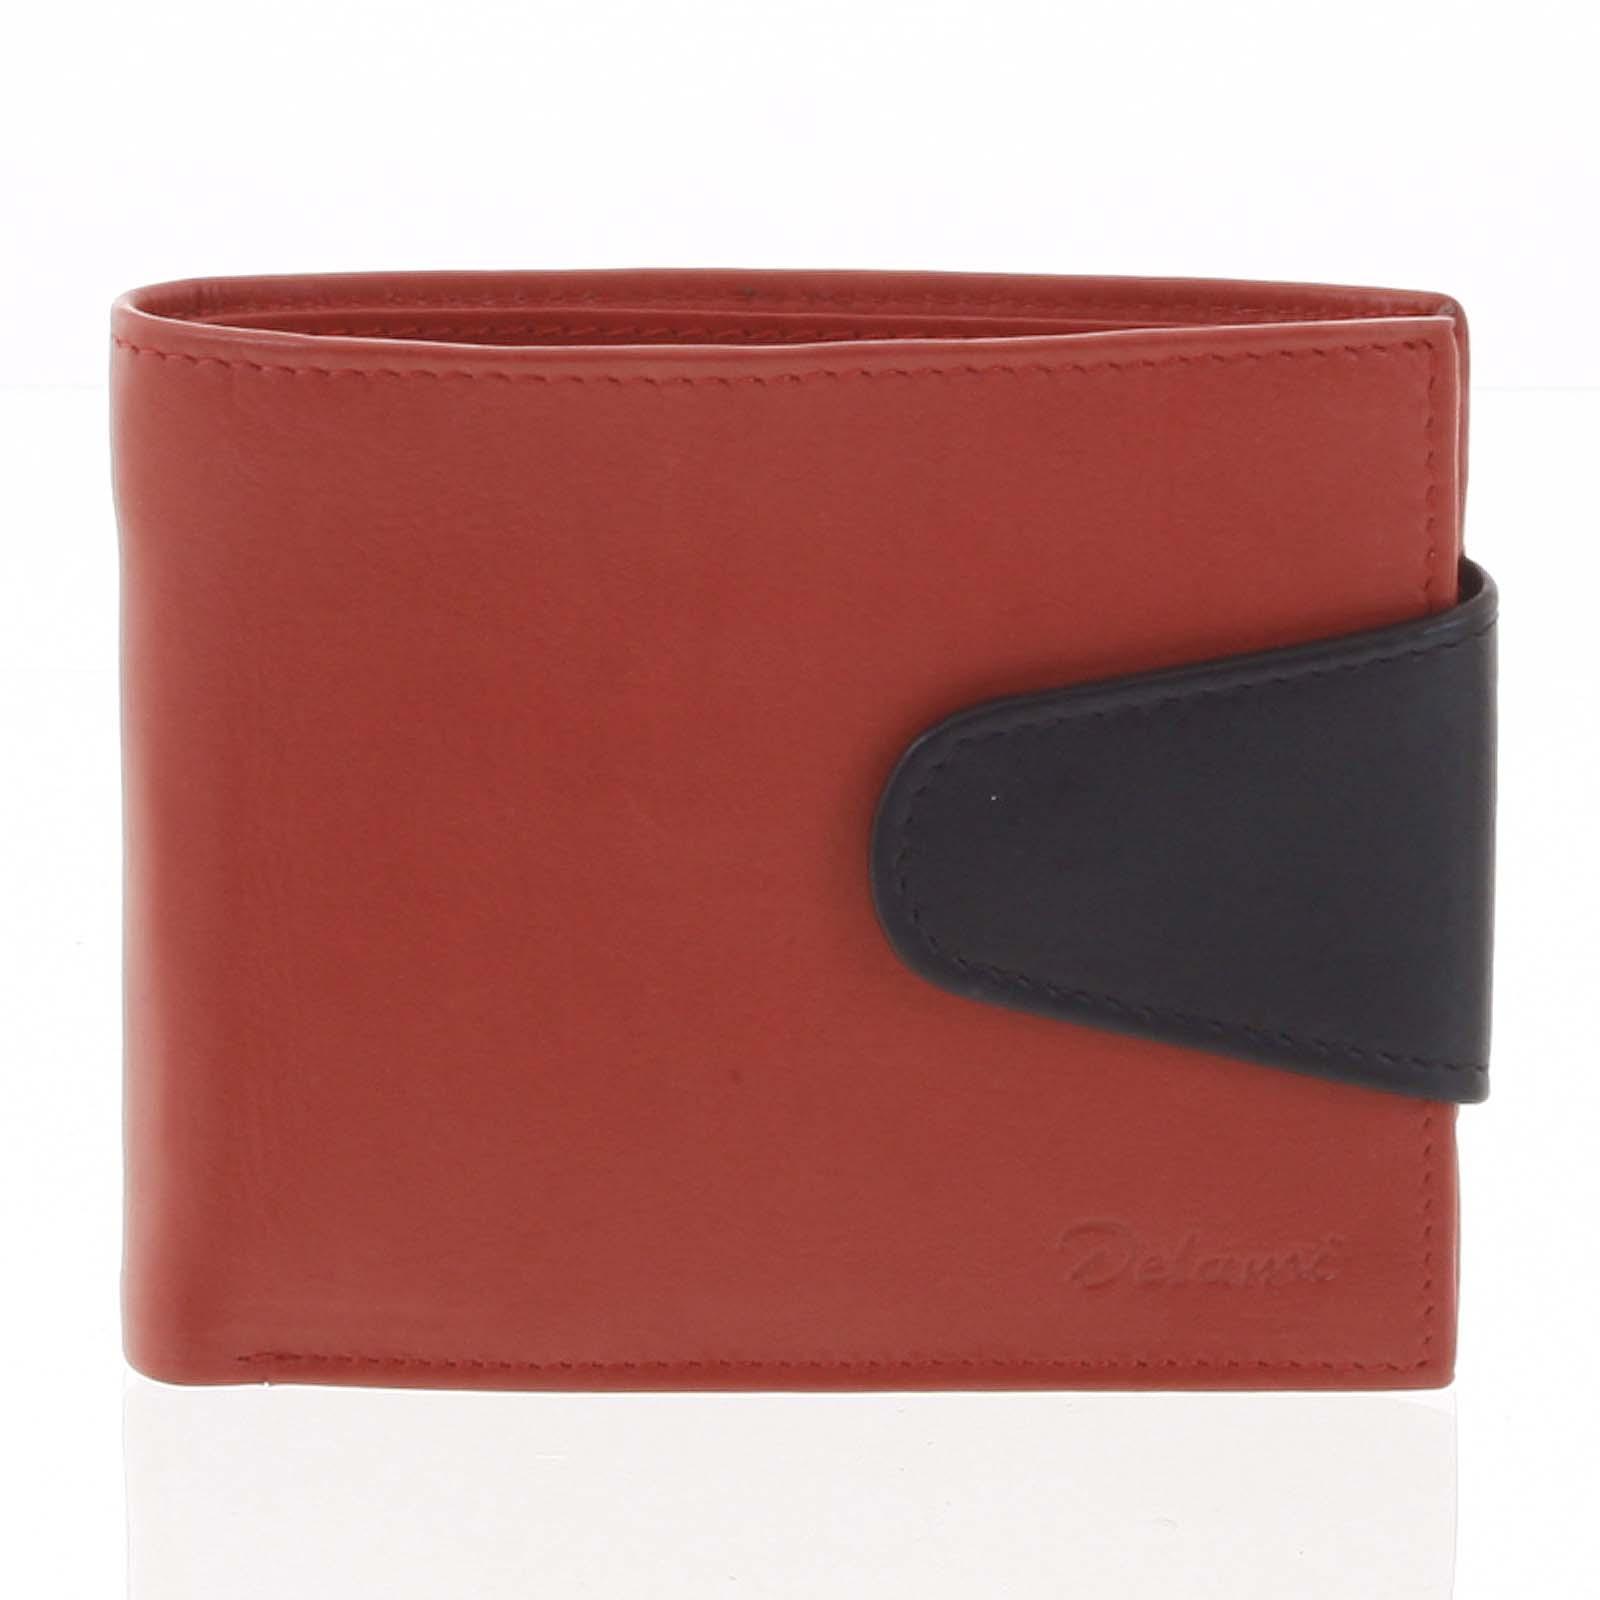 Pánská kožená peněženka červená - Delami 11816